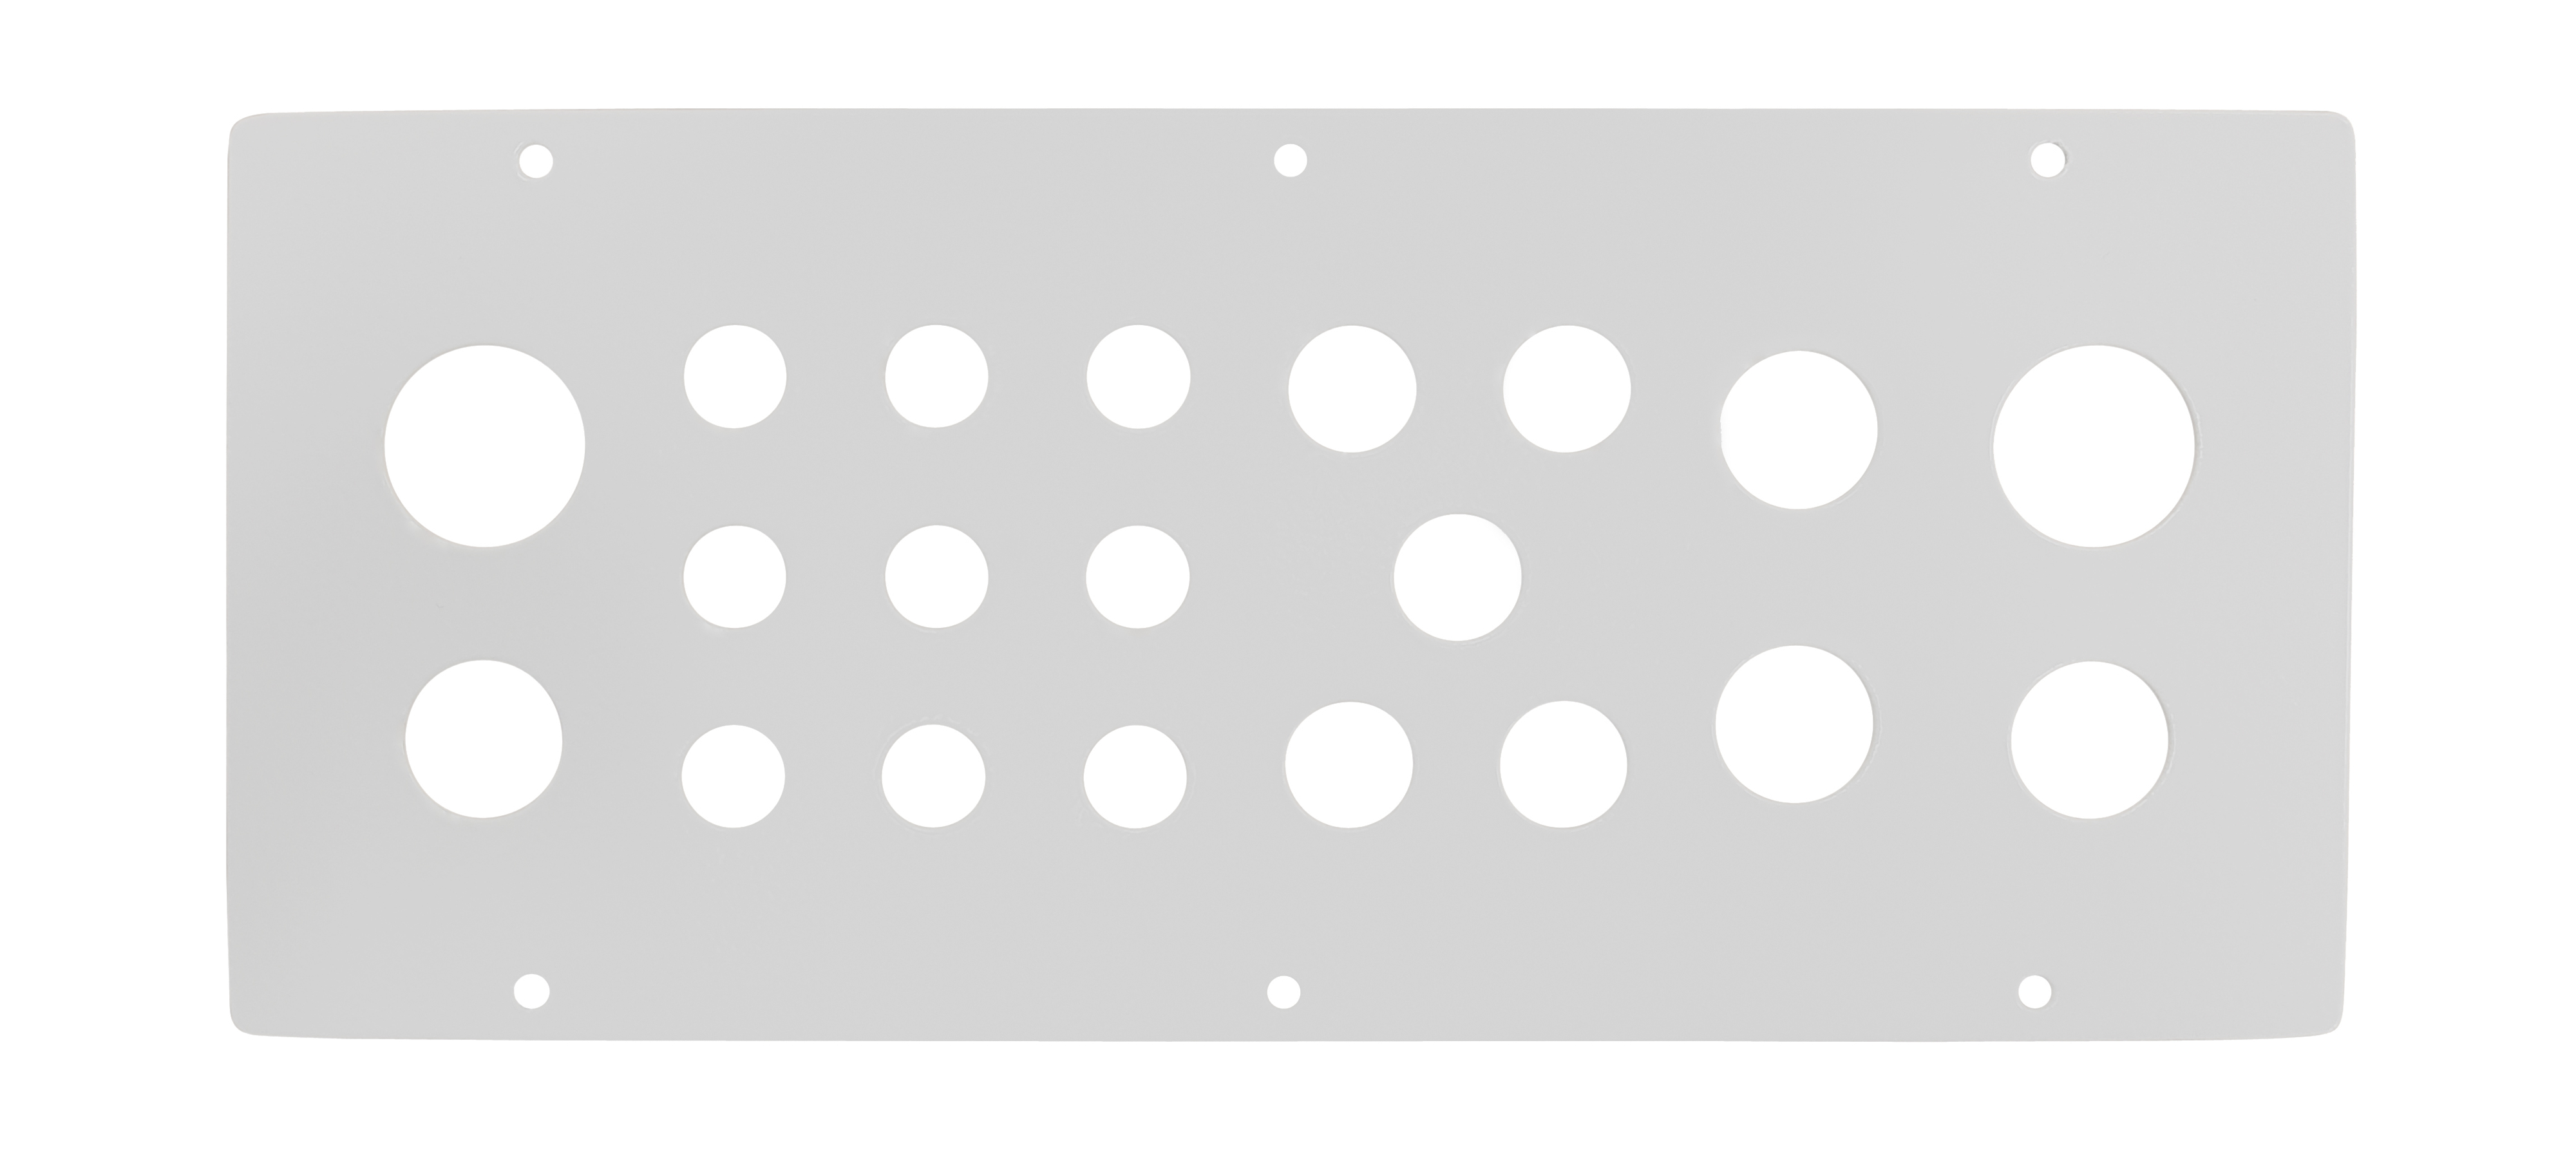 1 Stk Kabeleinführungsflansch WST mit 9xM16, 5xM20, 4xM25, 2xM32 WSTFA0D1--